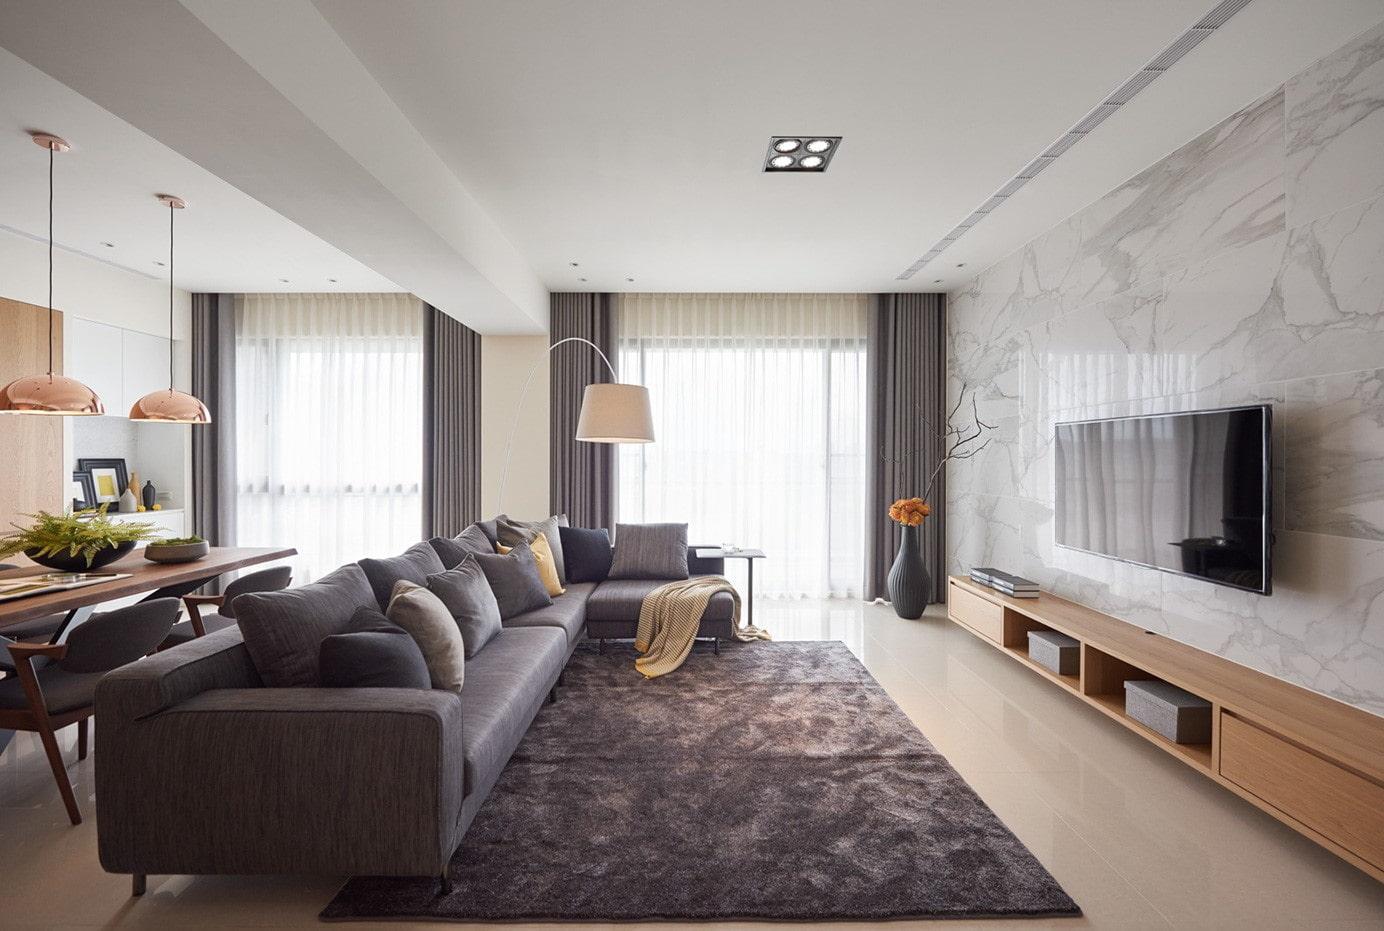 Планировка 3 комнатной квартиры: идеи планировки и варианты оформления просторных квартир с тремя комнатами (115 фото)